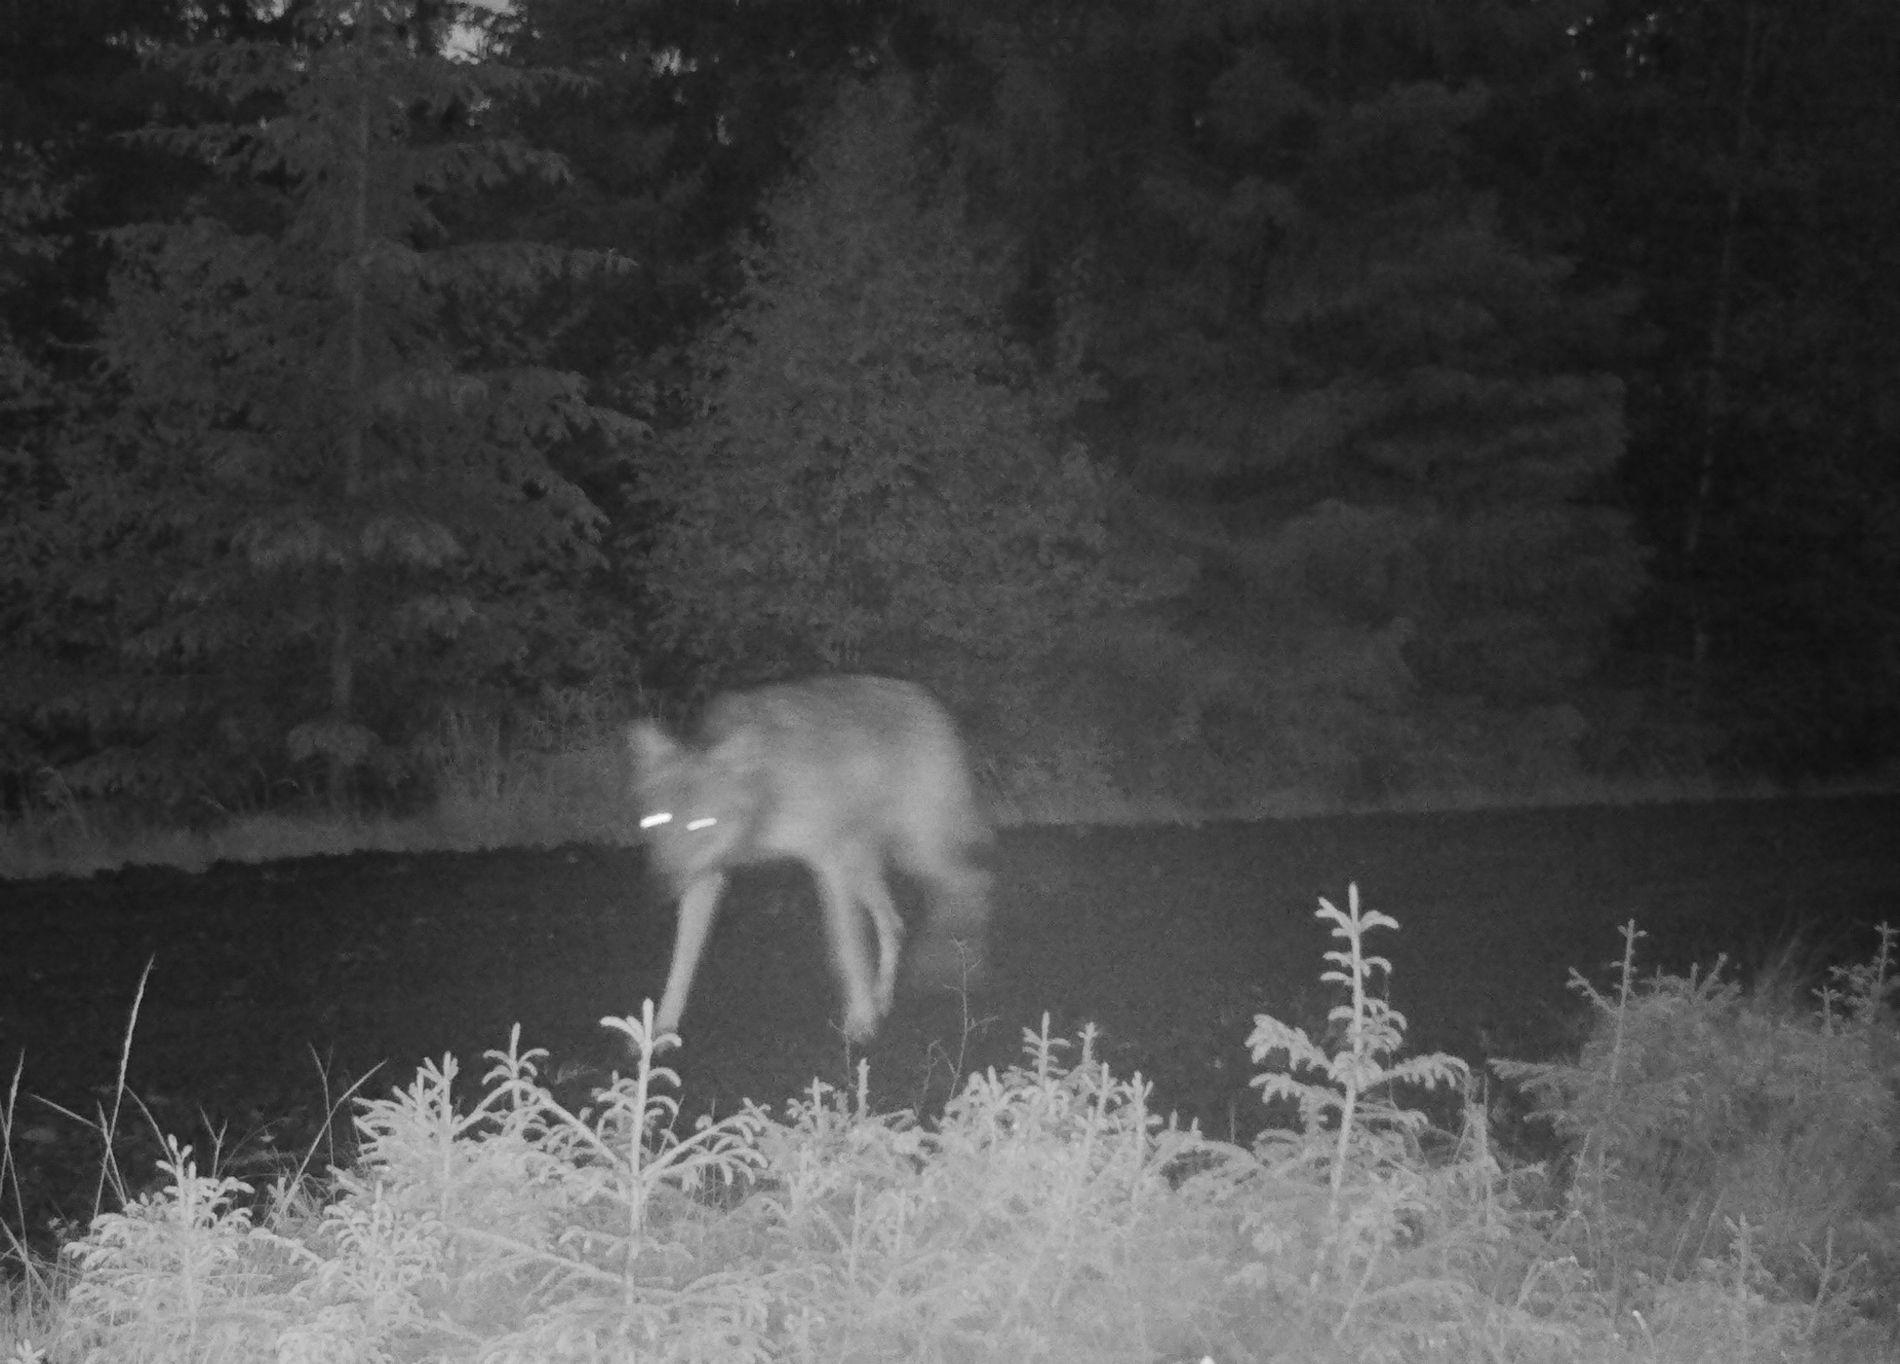 FANGET PÅ FOTO: Søndag ble det tatt bilde av denne ulven på Øståsen i Gran, like i nærheten av områder hvor det har vært flere angrep på sau.